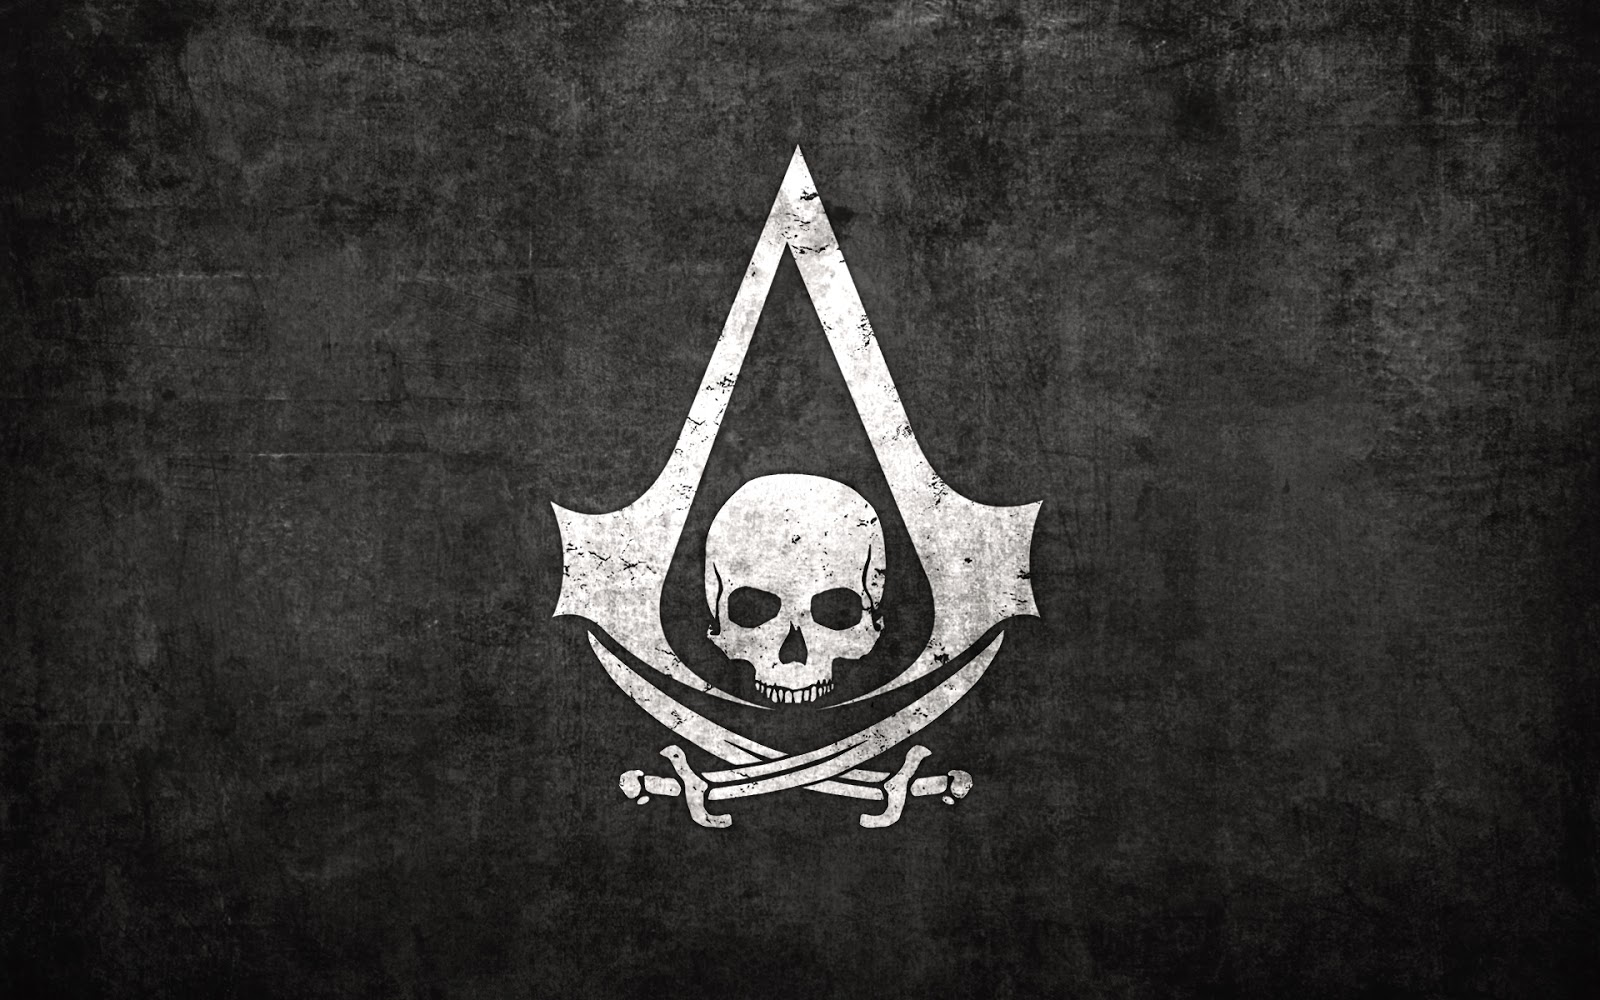 assassins creed logo 1268 hd wallpaper assassins creed logo skull 1600x1000